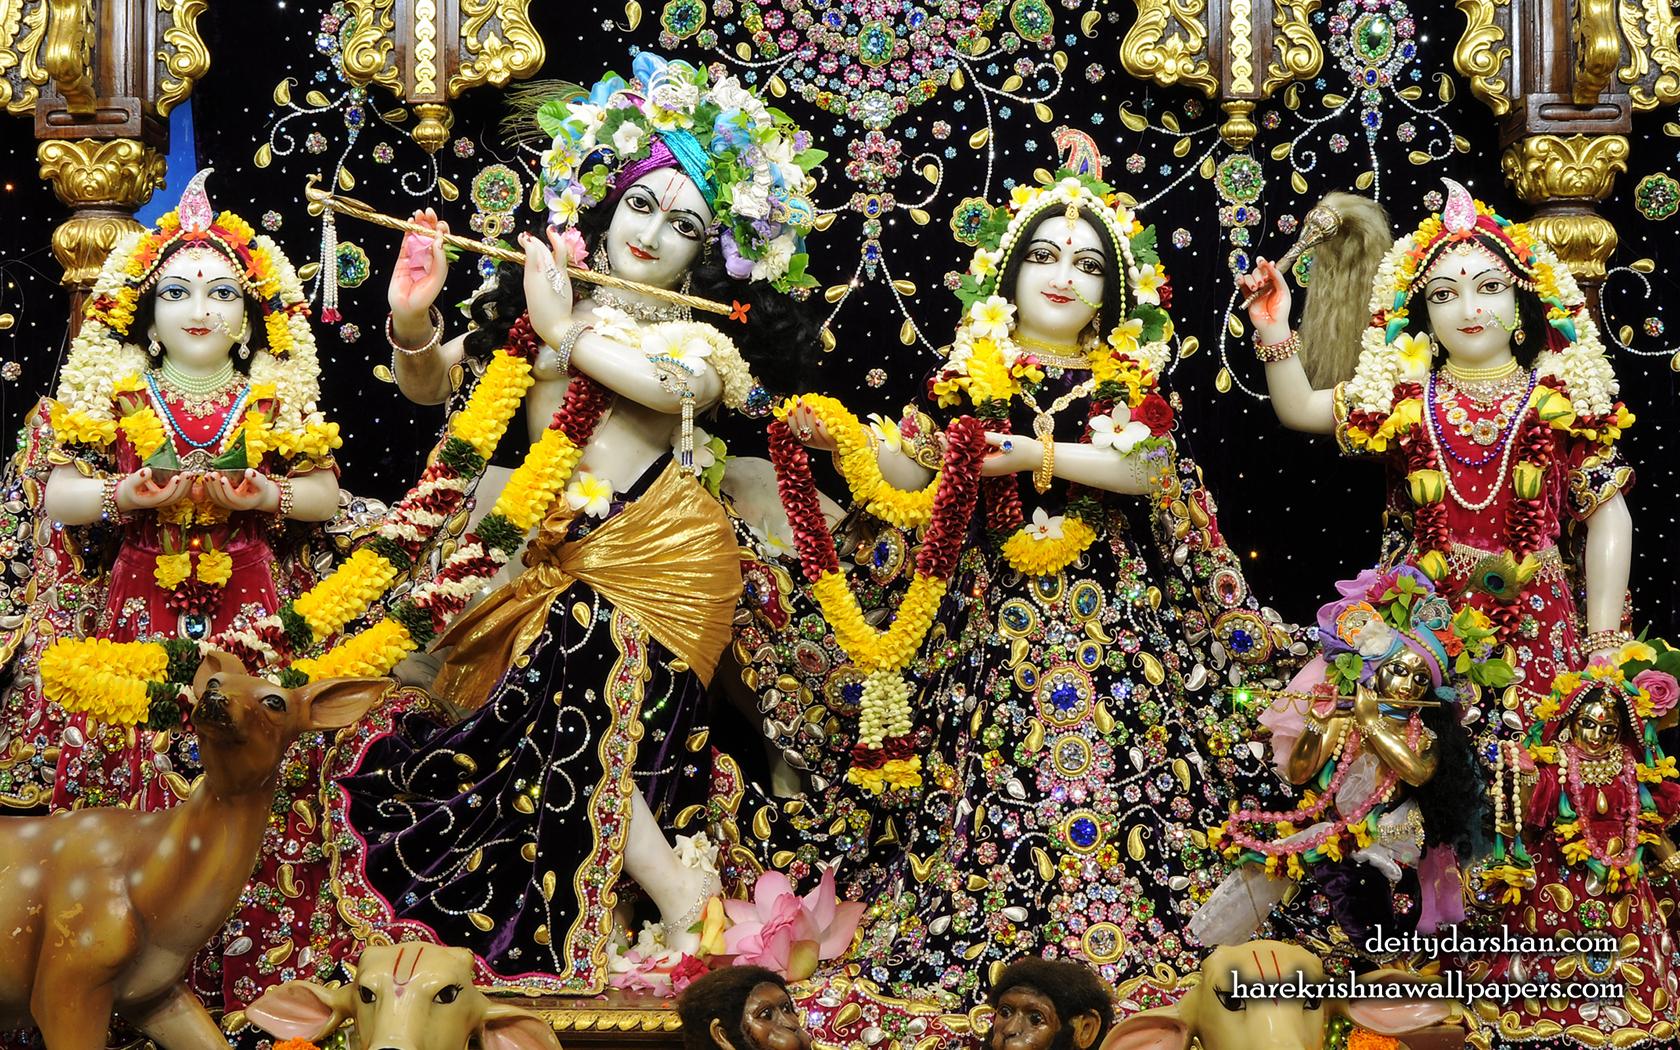 Sri Sri Radha Gopinath Lalita Vishakha Wallpaper (071) Size 1680x1050 Download